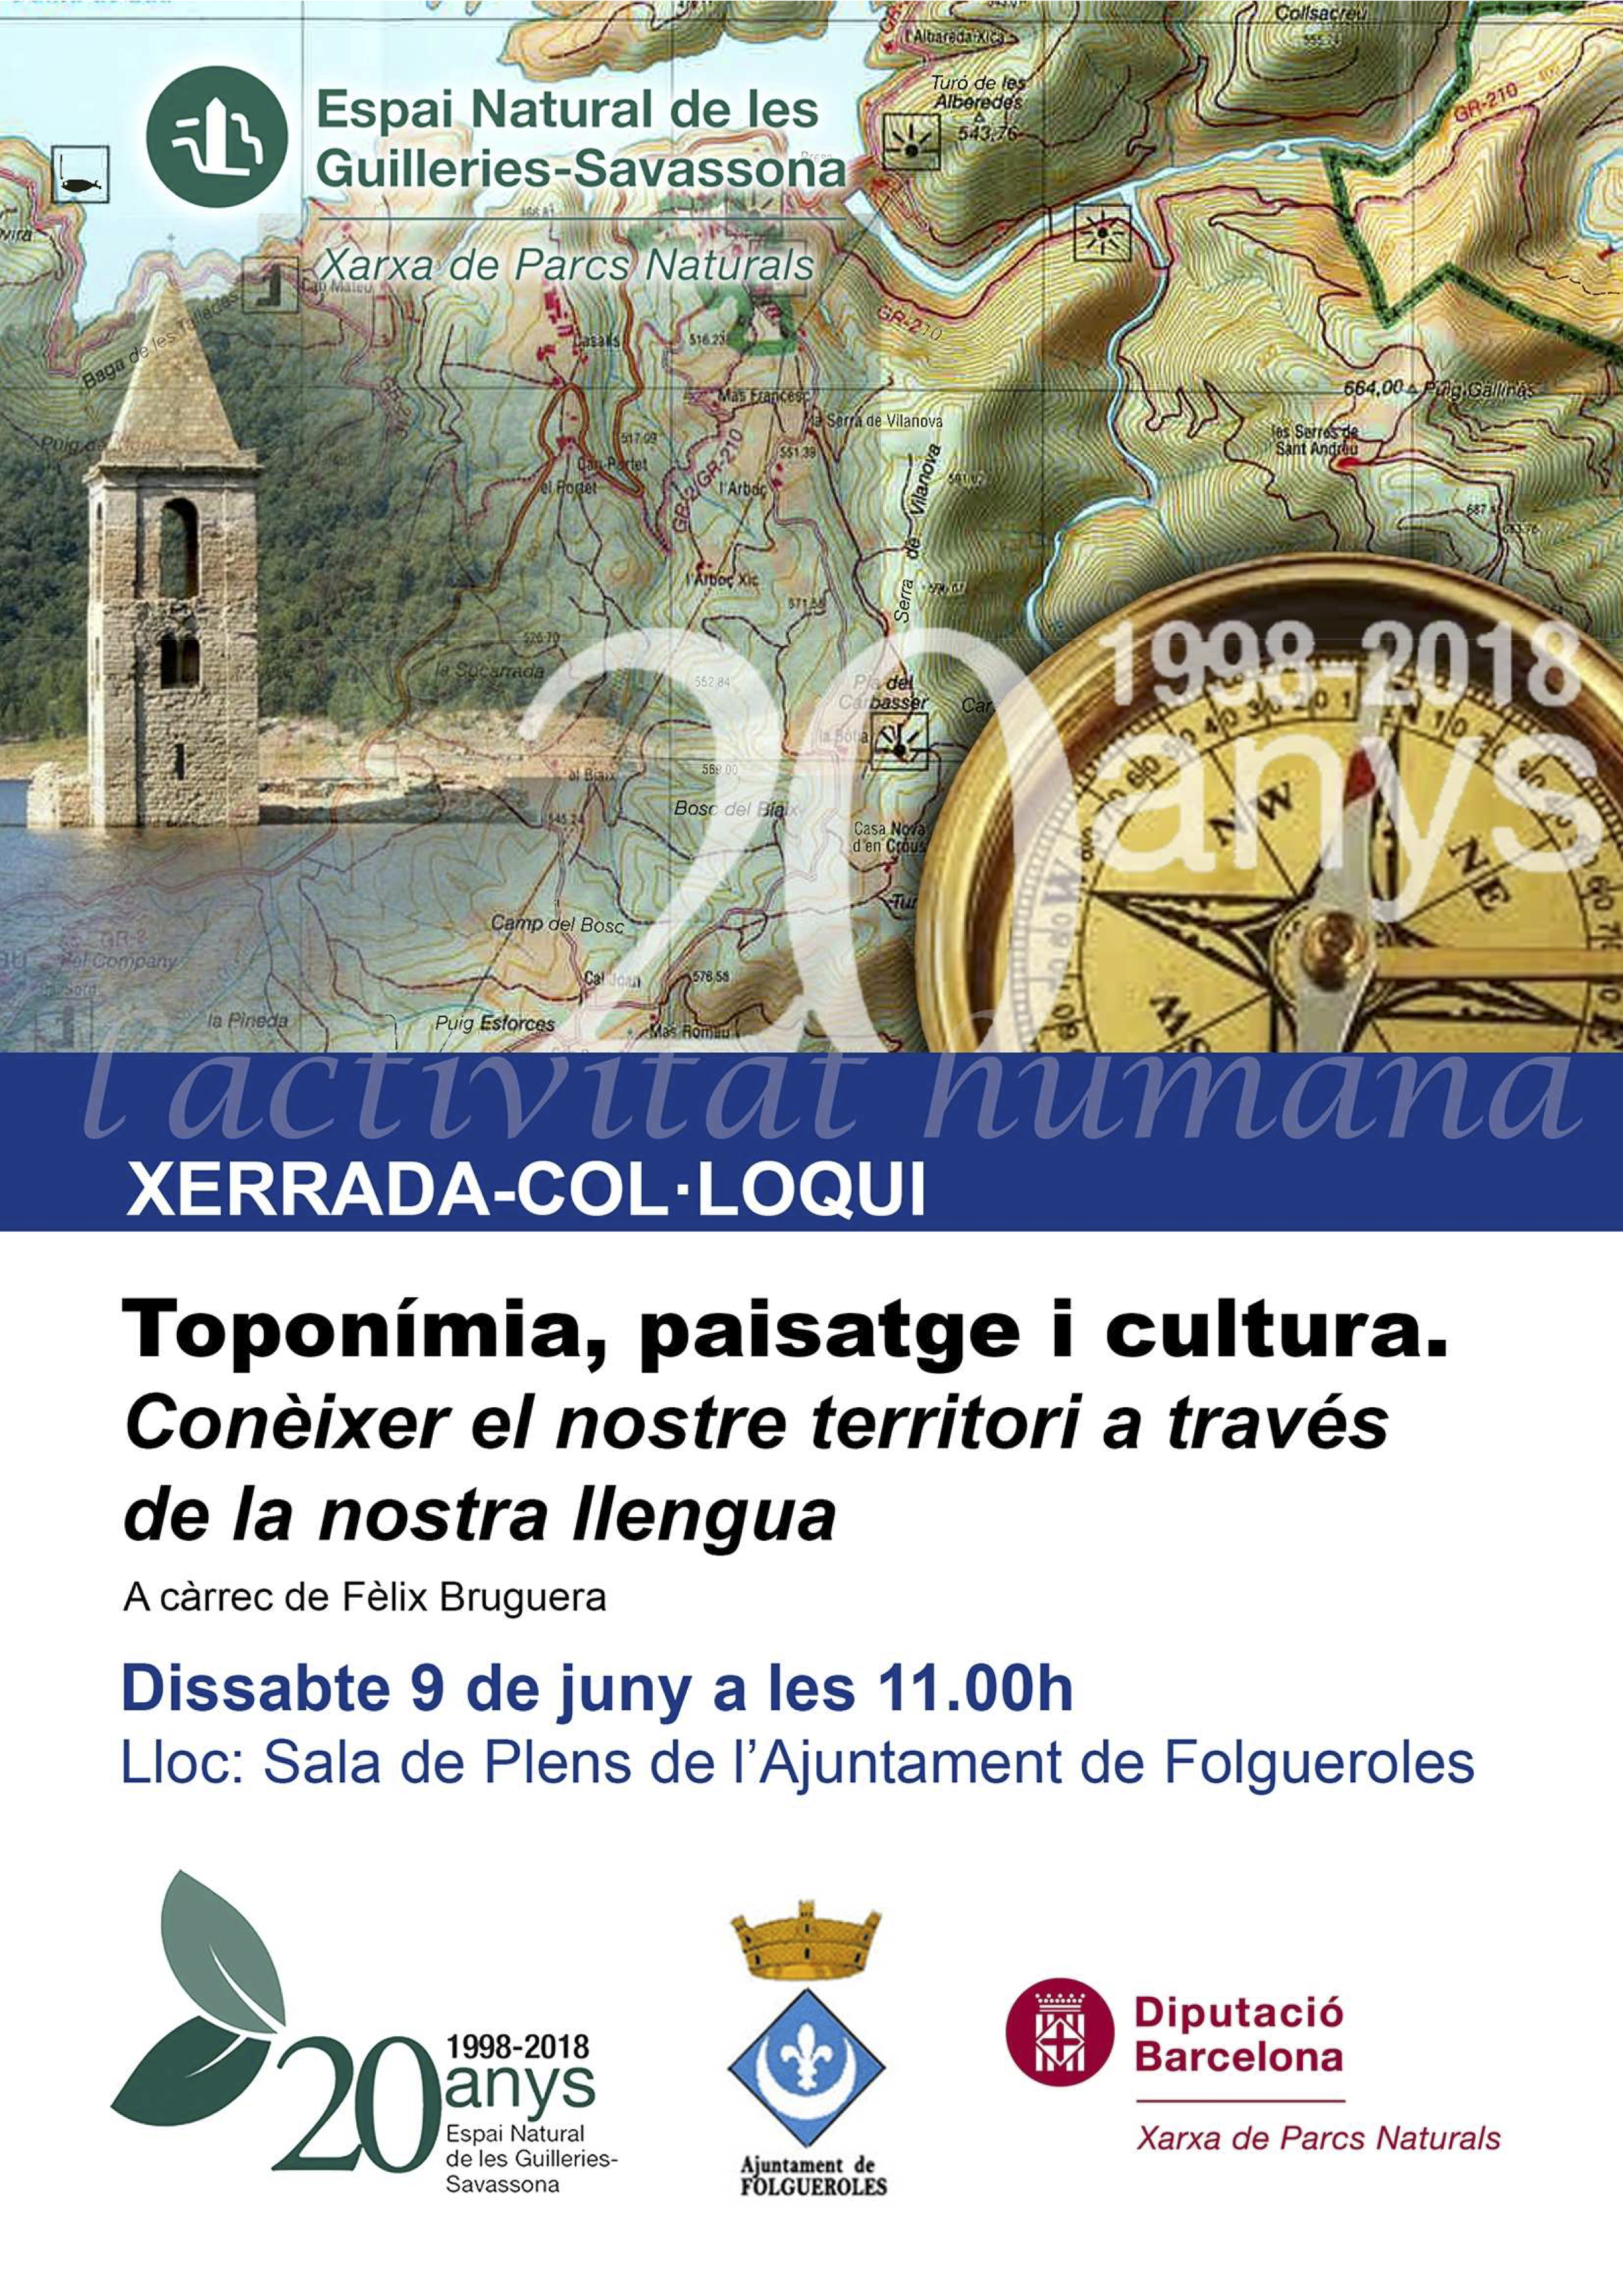 Xerrada De Fèlix Bruguera Sobre Toponímia, Paisatge I Cultura